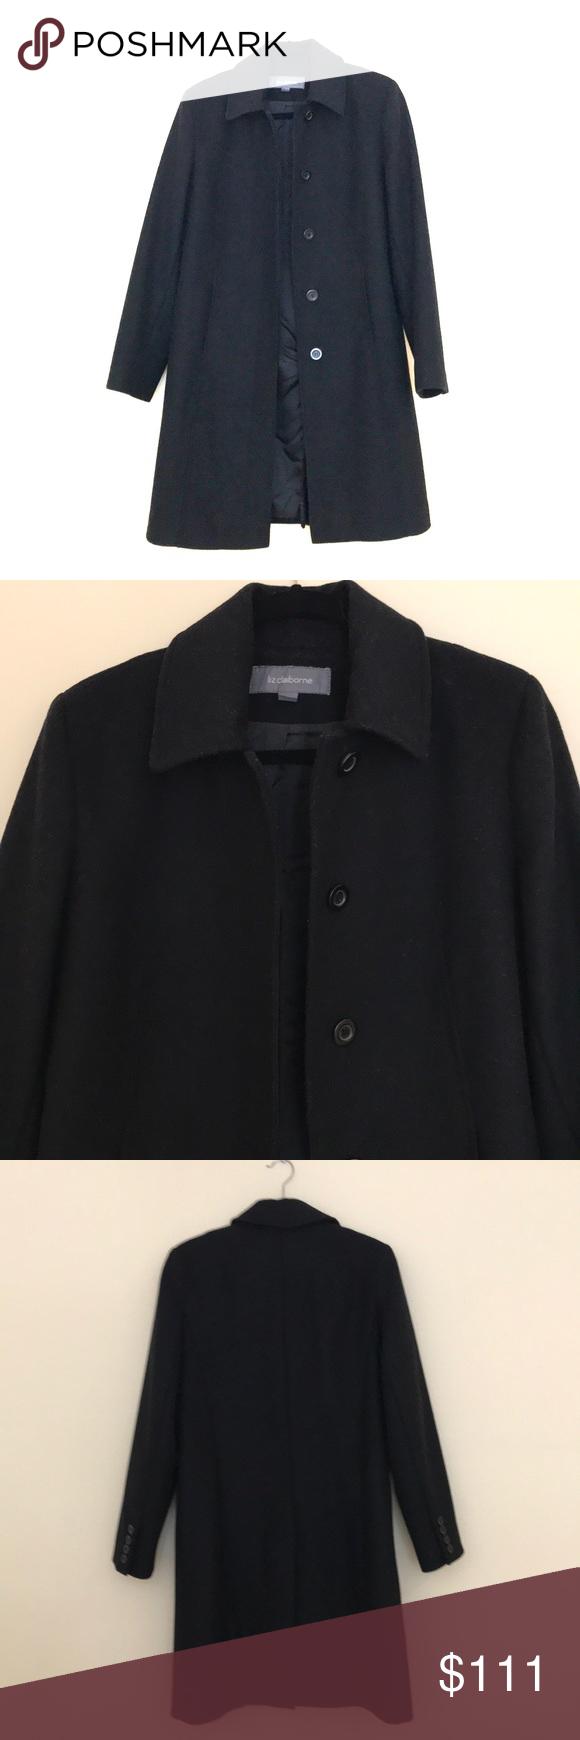 Liz Claiborne black pea coat size 8 P Black button up pea coat by Liz Claiborne….